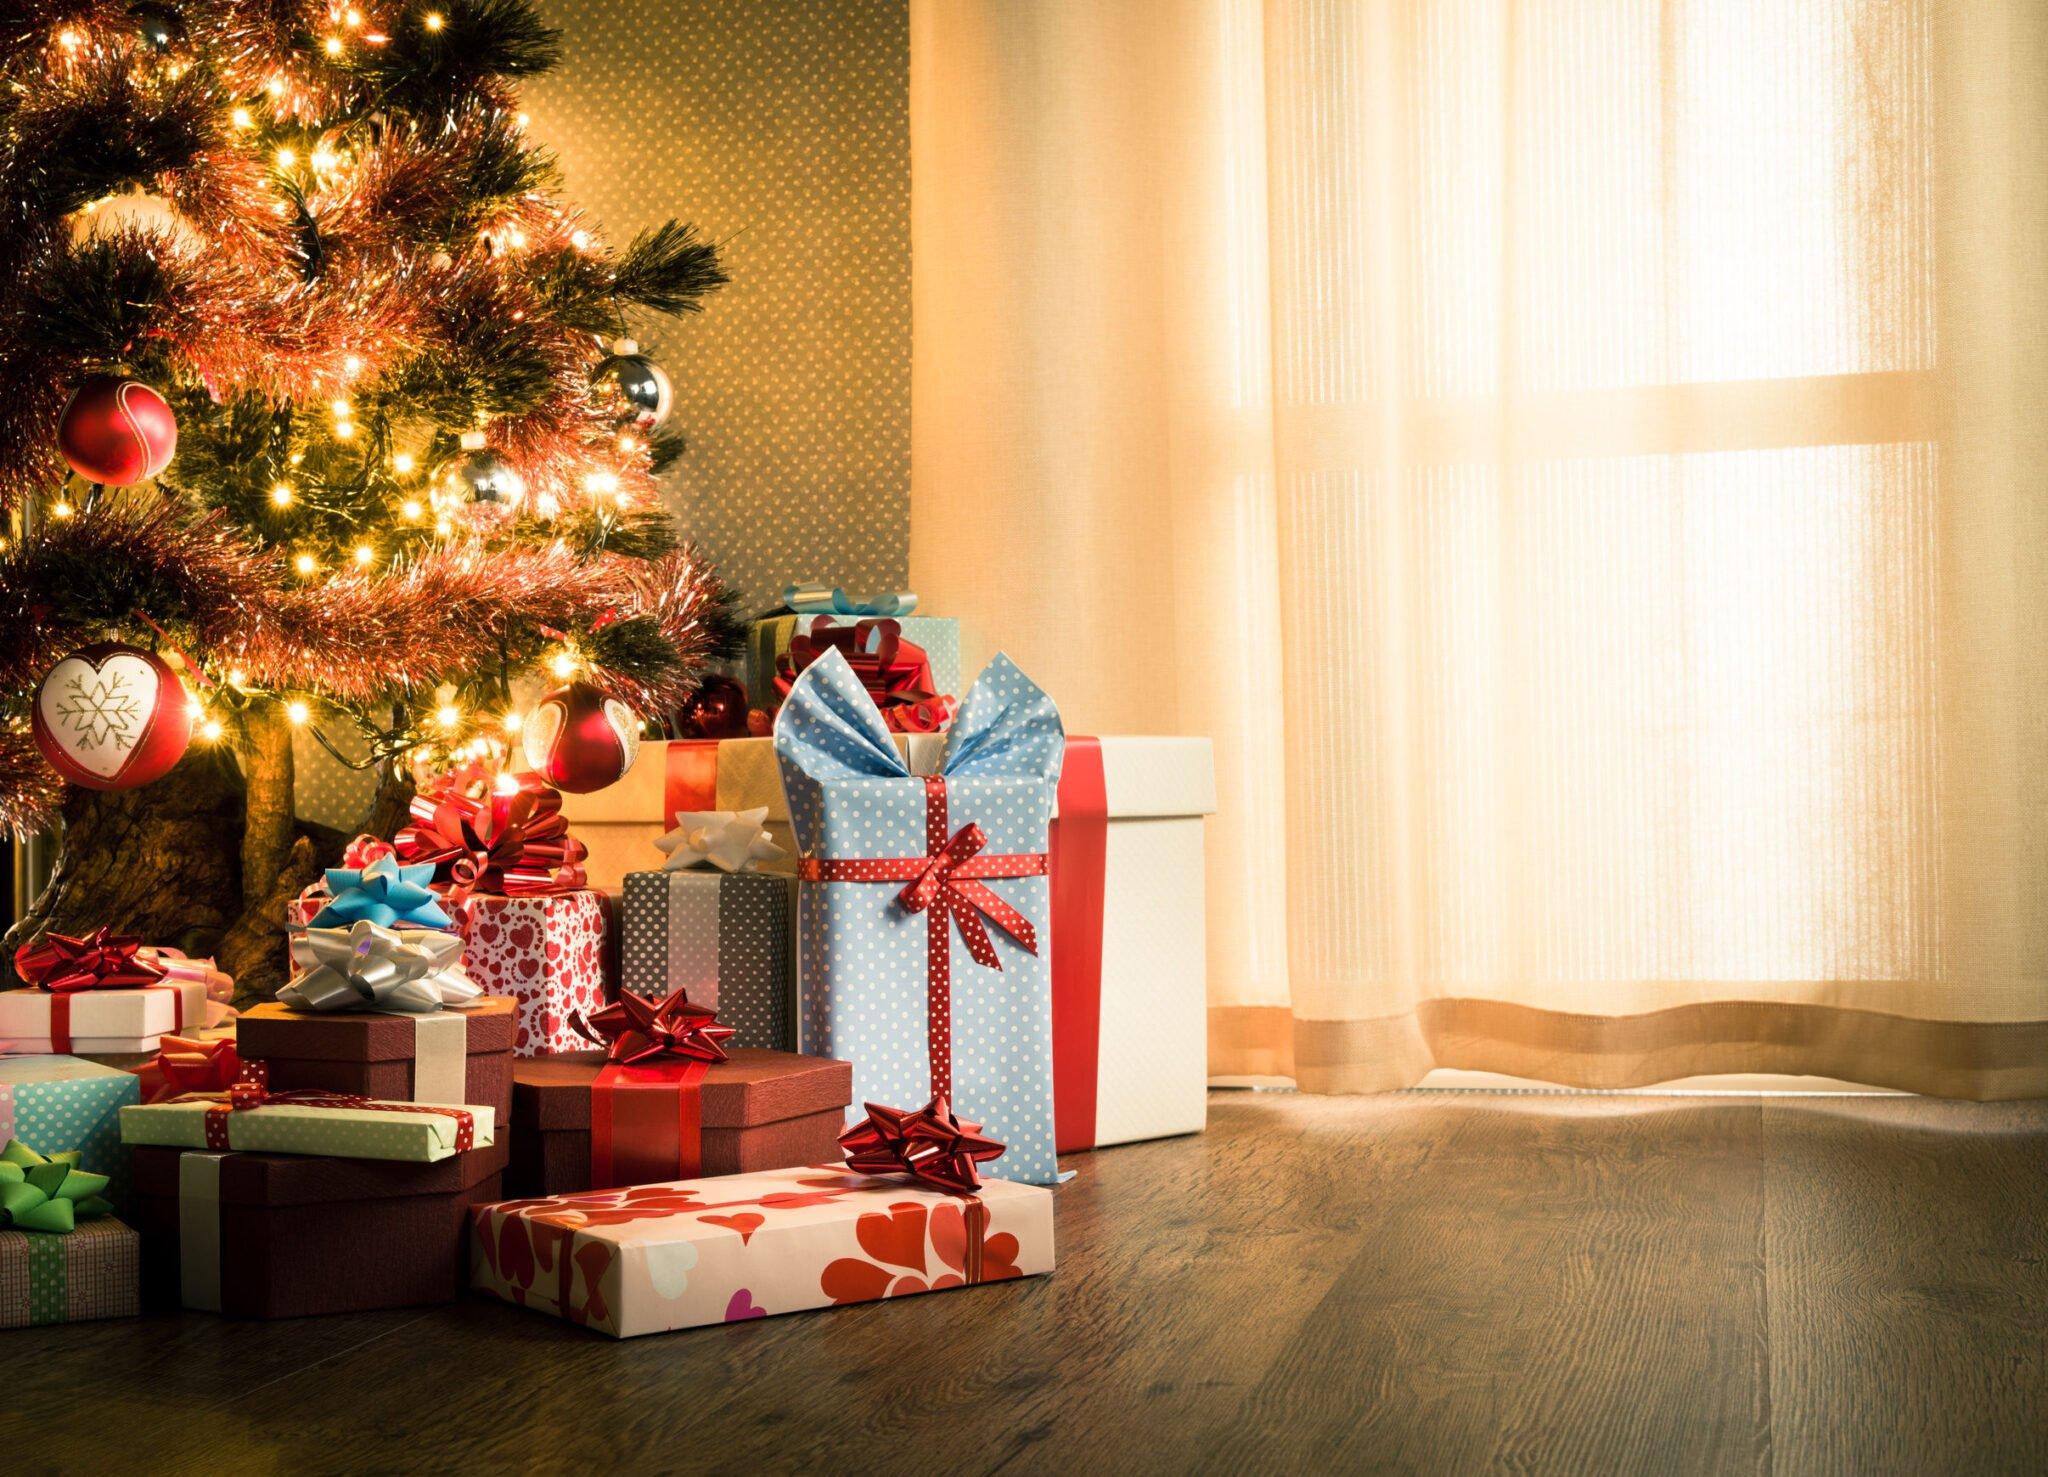 Cadeautjes pubers en tieners; de leukste tips, ideeën en voorbeelden voor jongens en meisjes - Mamaliefde.nl